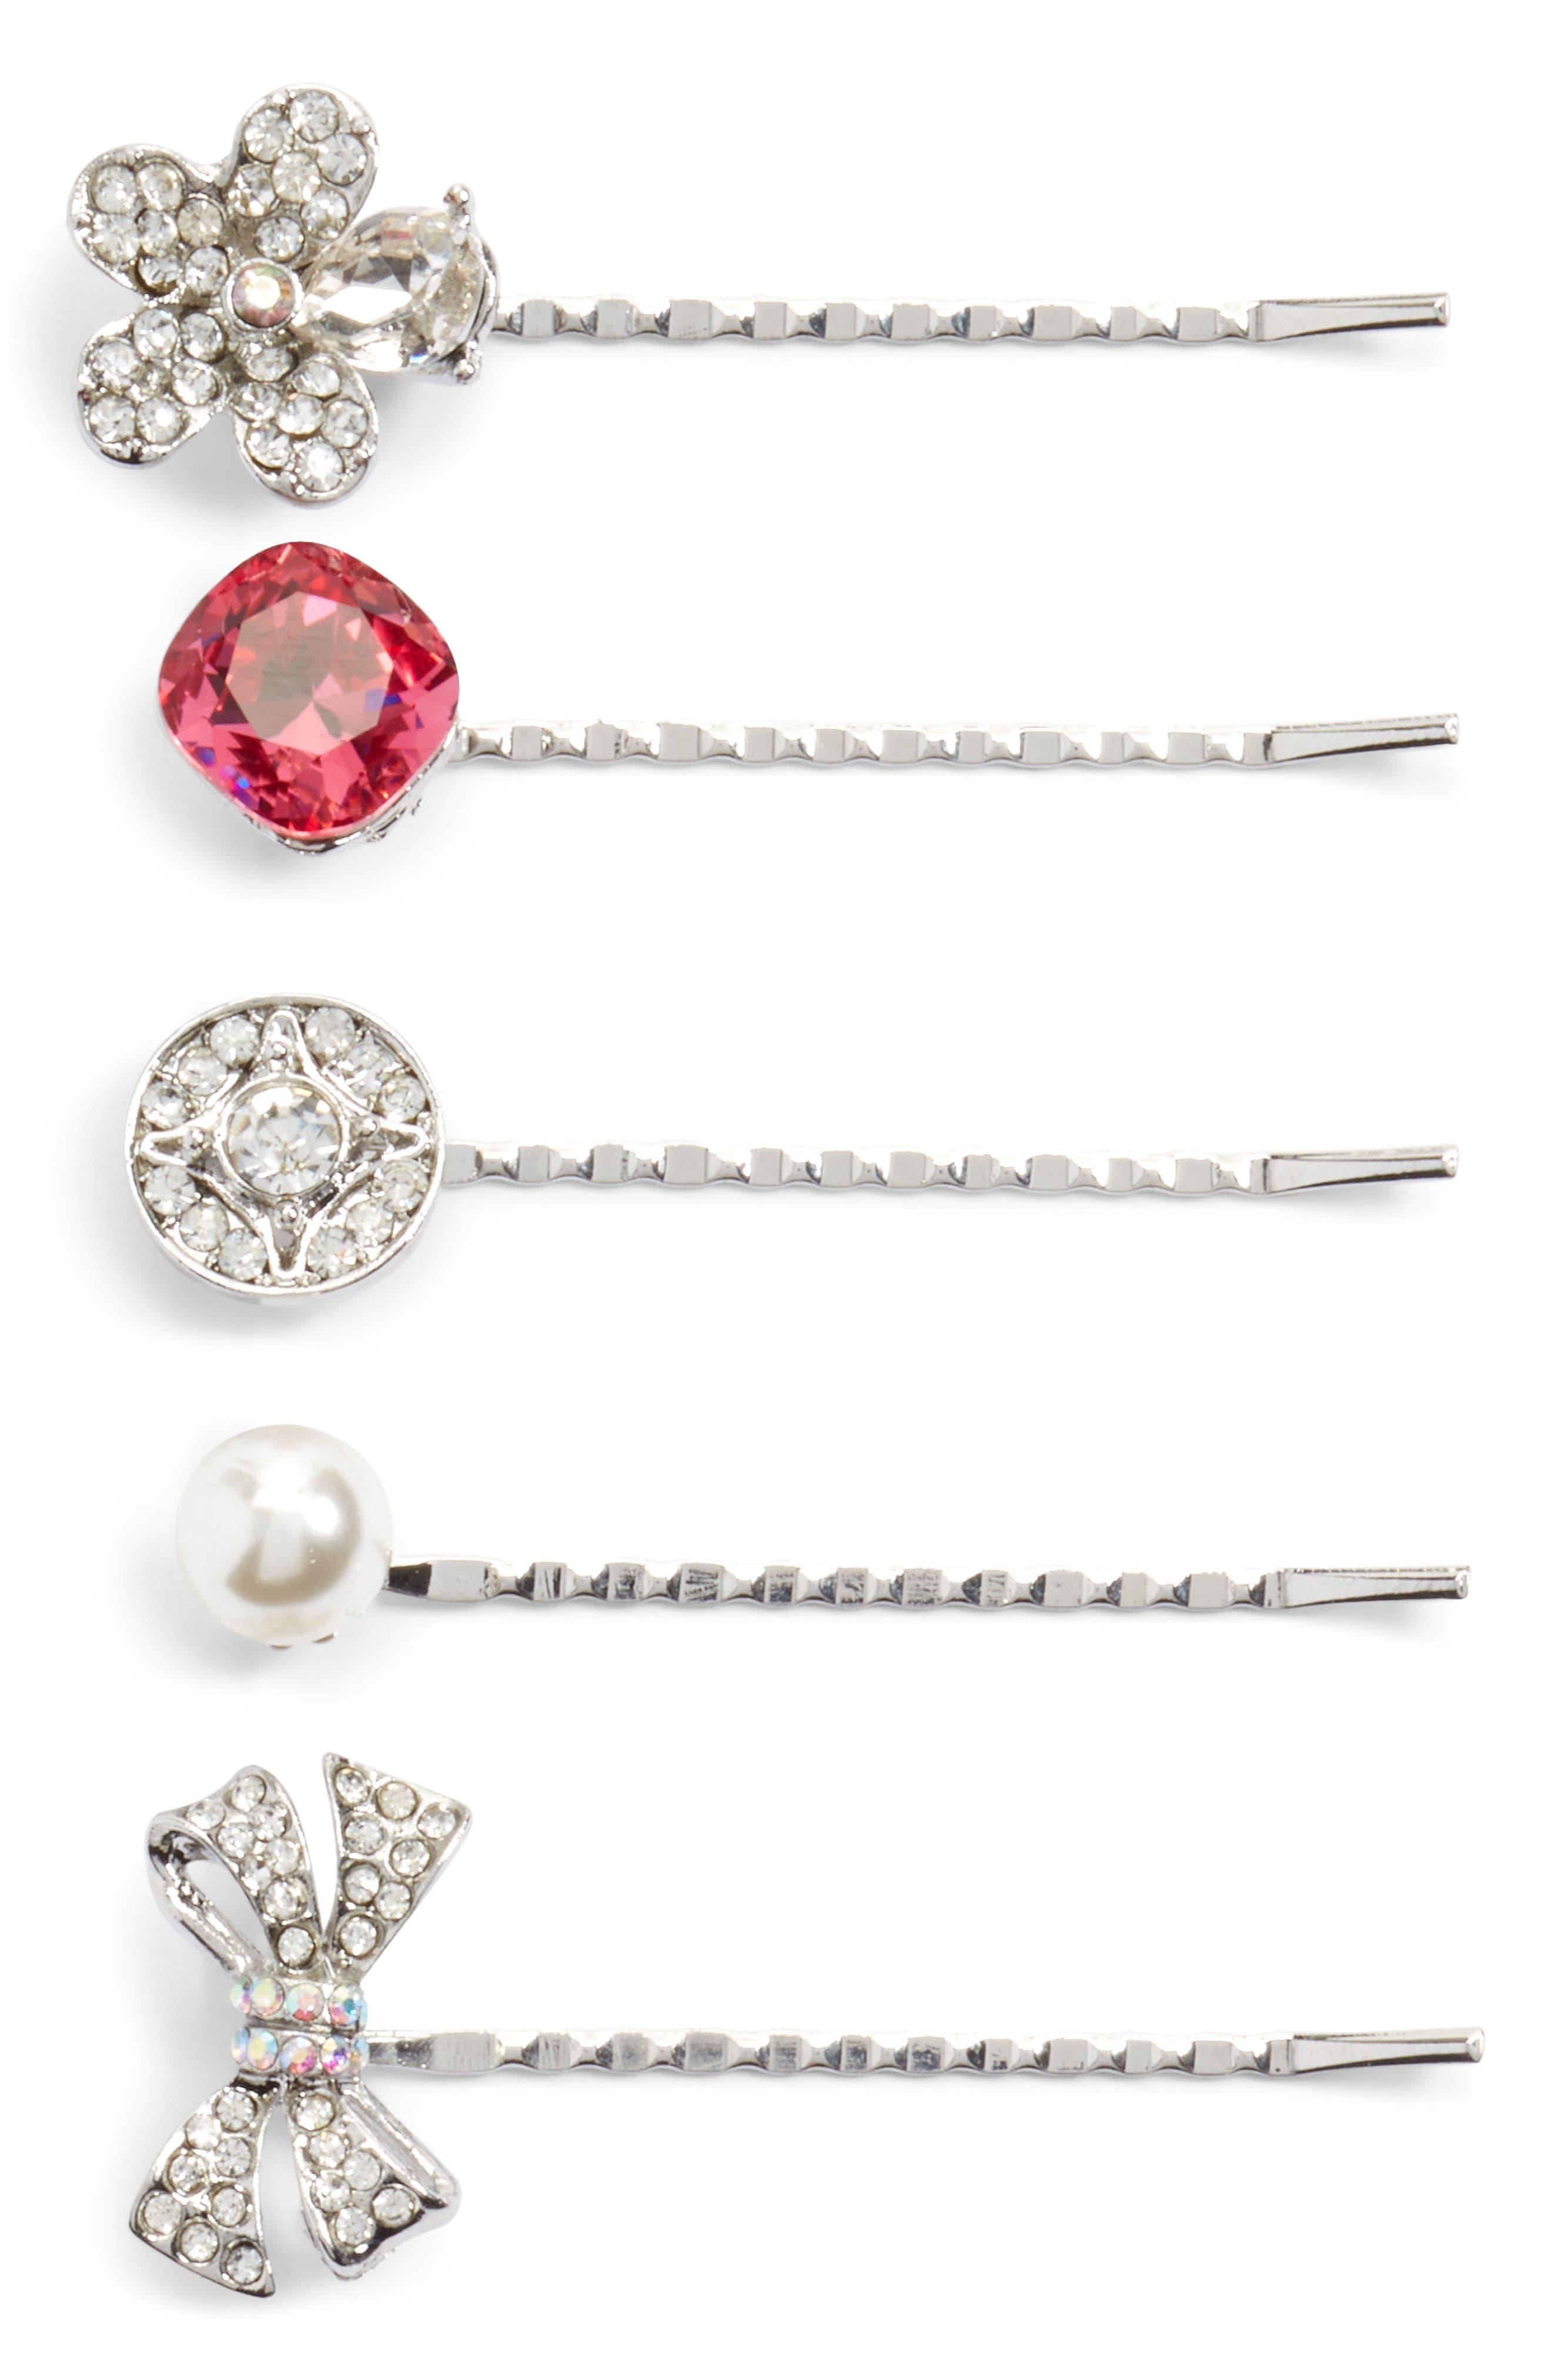 Main Image - Cara Embellished 5-Pack Bobby Pins